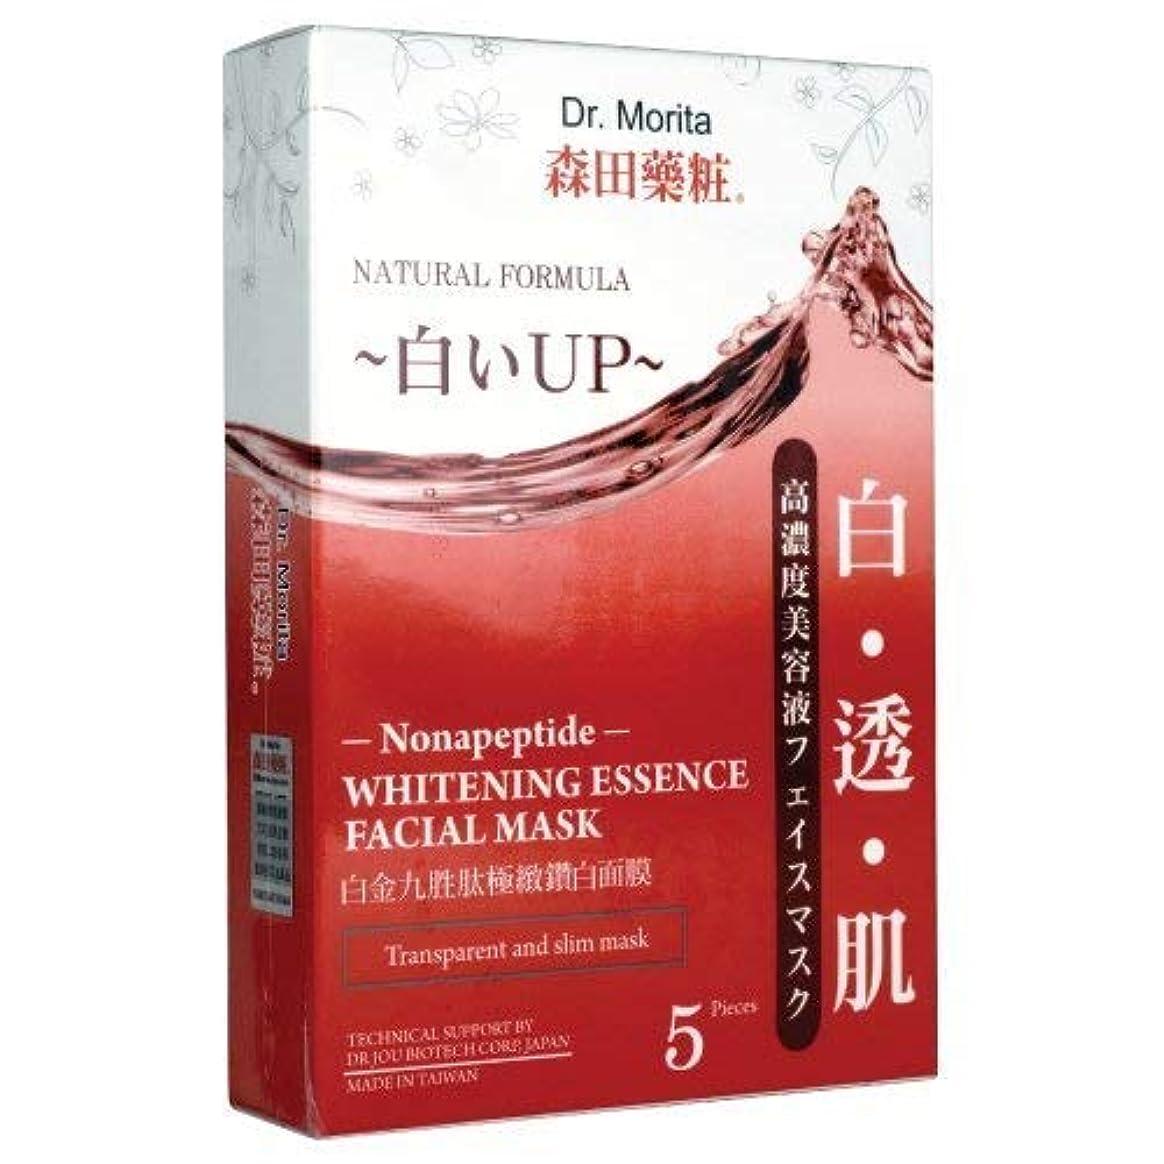 歪める勉強する充実Doctor Morita 皮膚はしなやかでしっとりするようにナノペプチドは、マスク5皮膚とのバランス肌の水分レベルをホワイトニング。